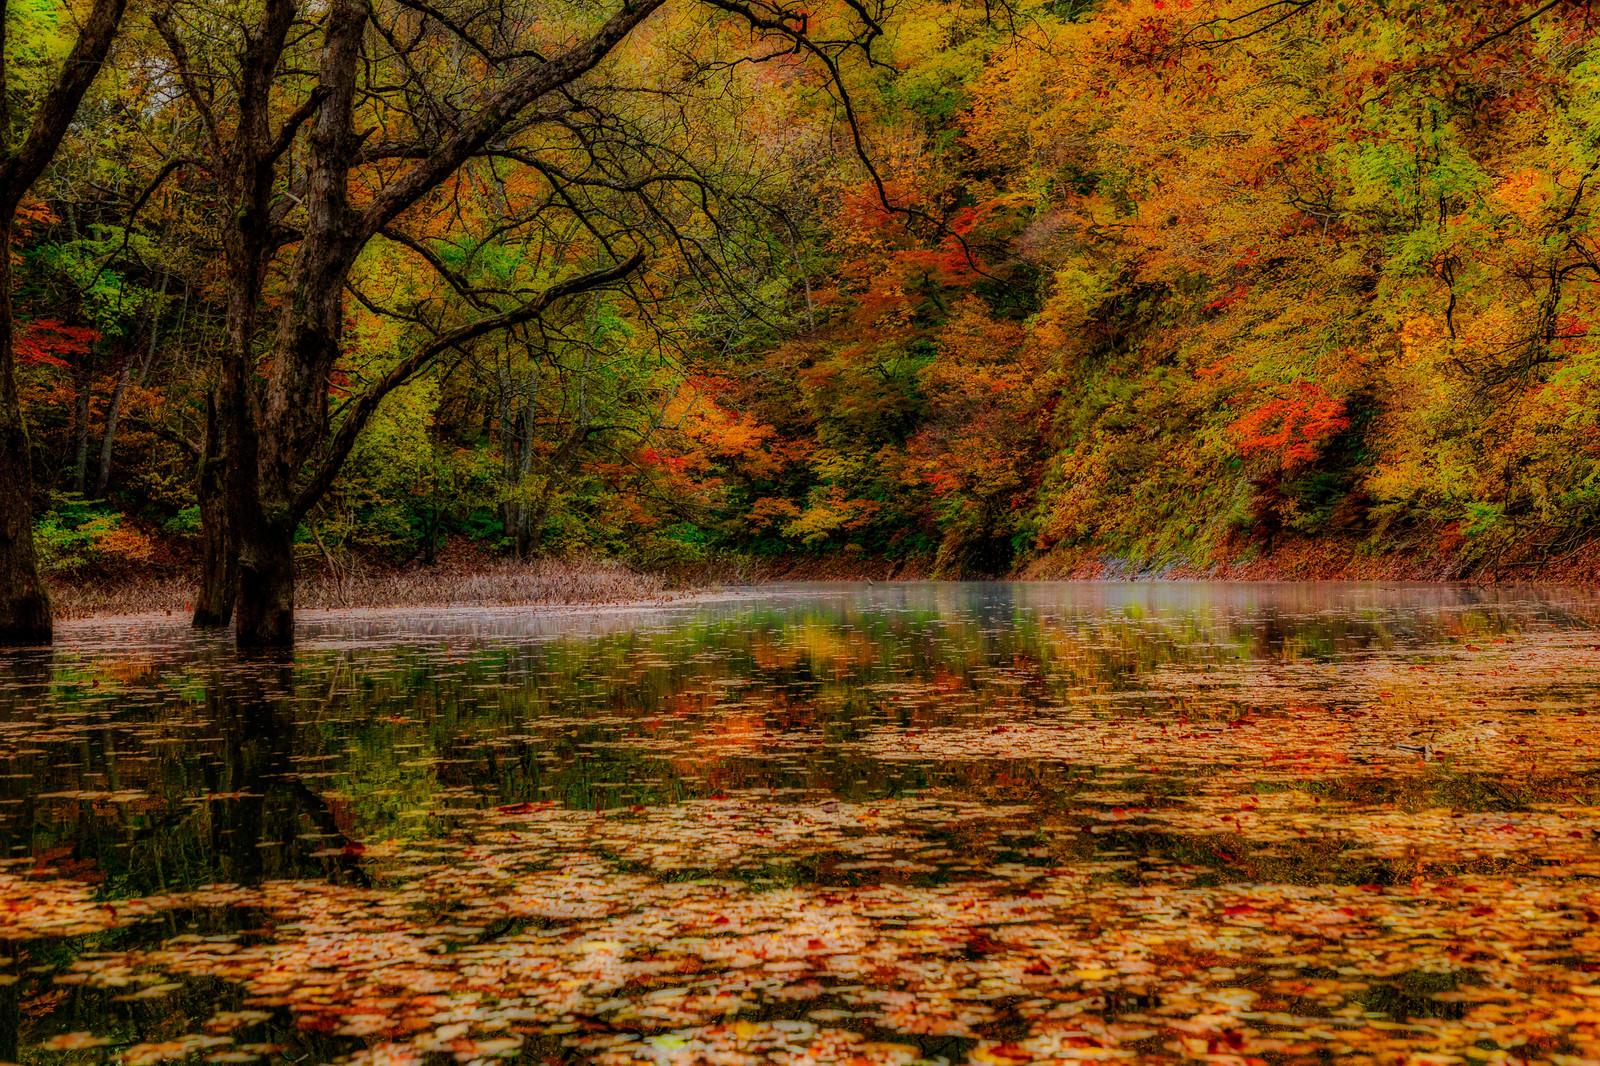 「秋の紅葉と落葉の川面」の写真